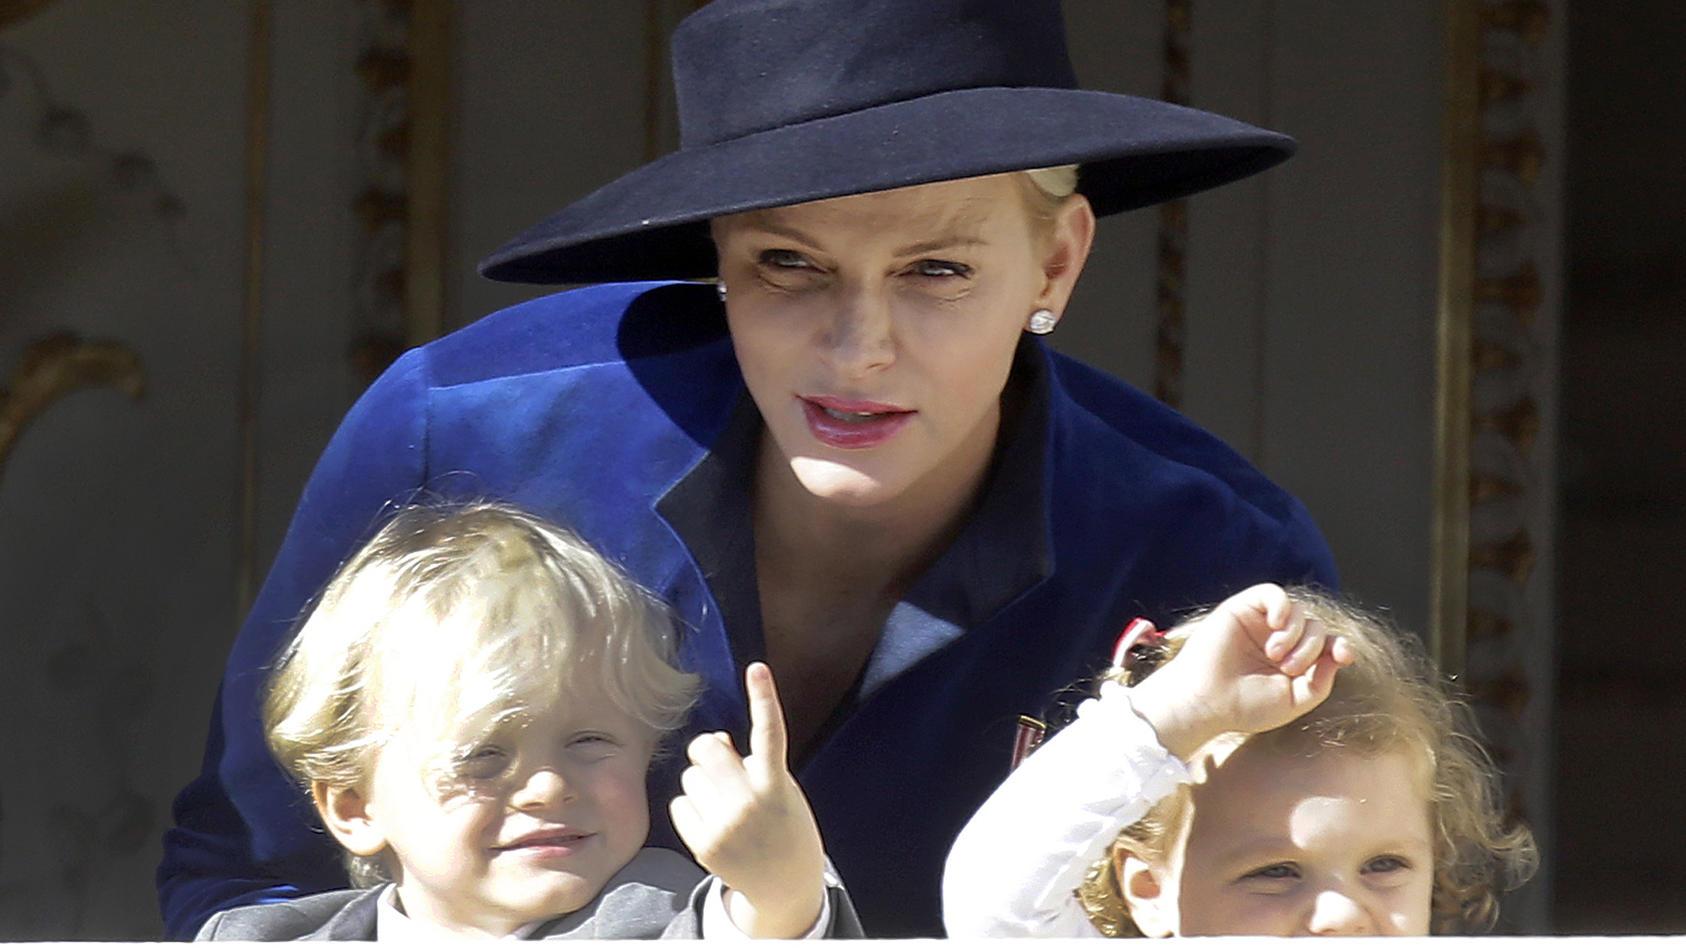 Fürstin Charlène von Monaco: Ihre kleine Tochter Gabriella wäre fast im Pool ums Leben gekommen.